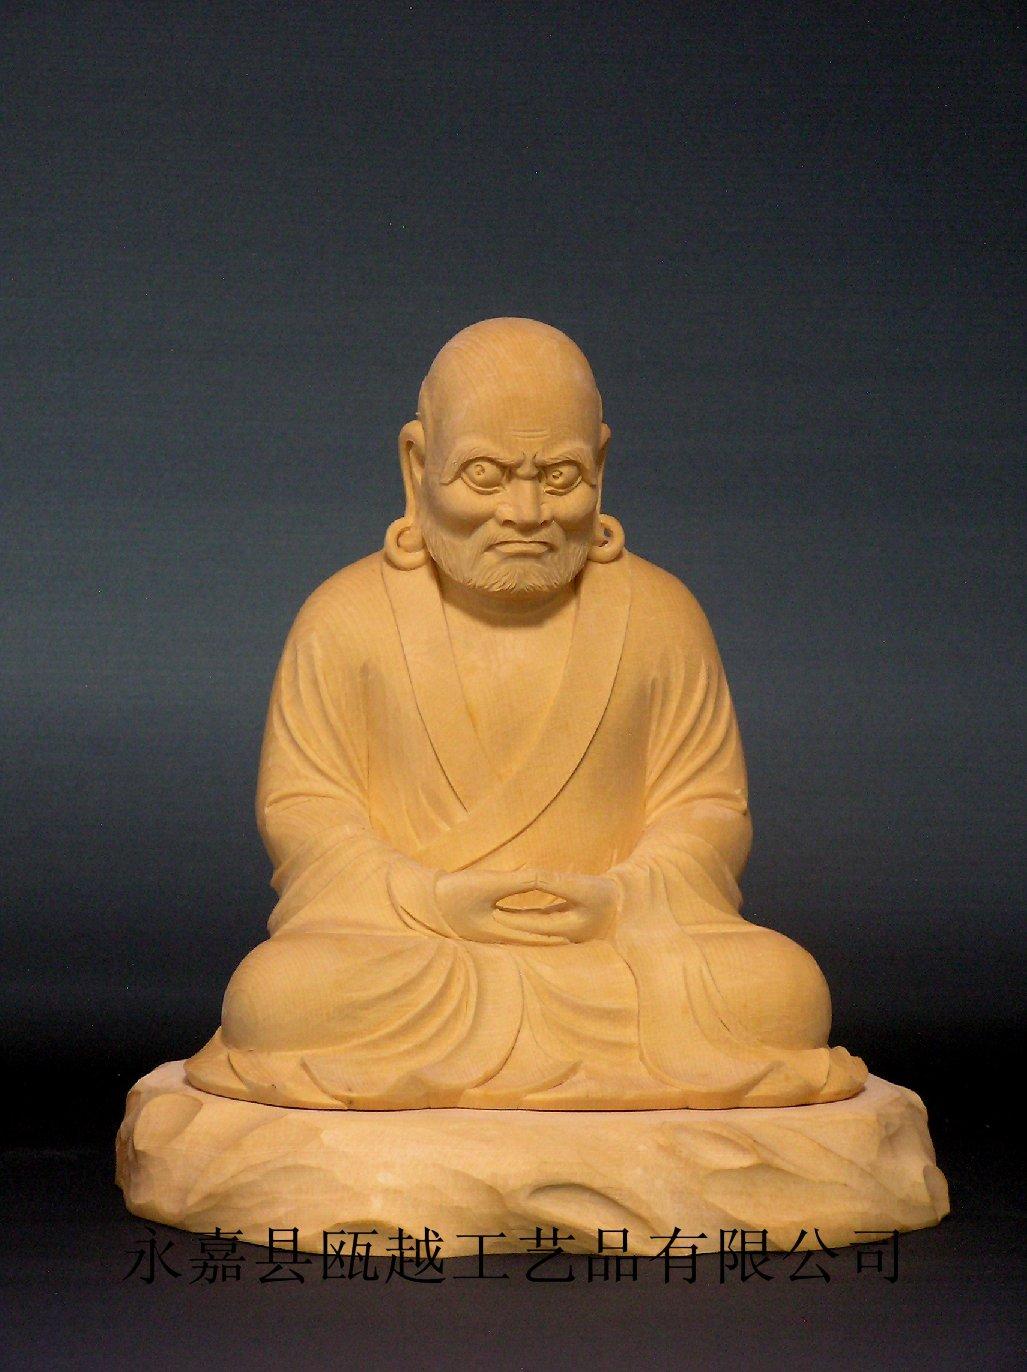 供应木雕日本佛像达摩